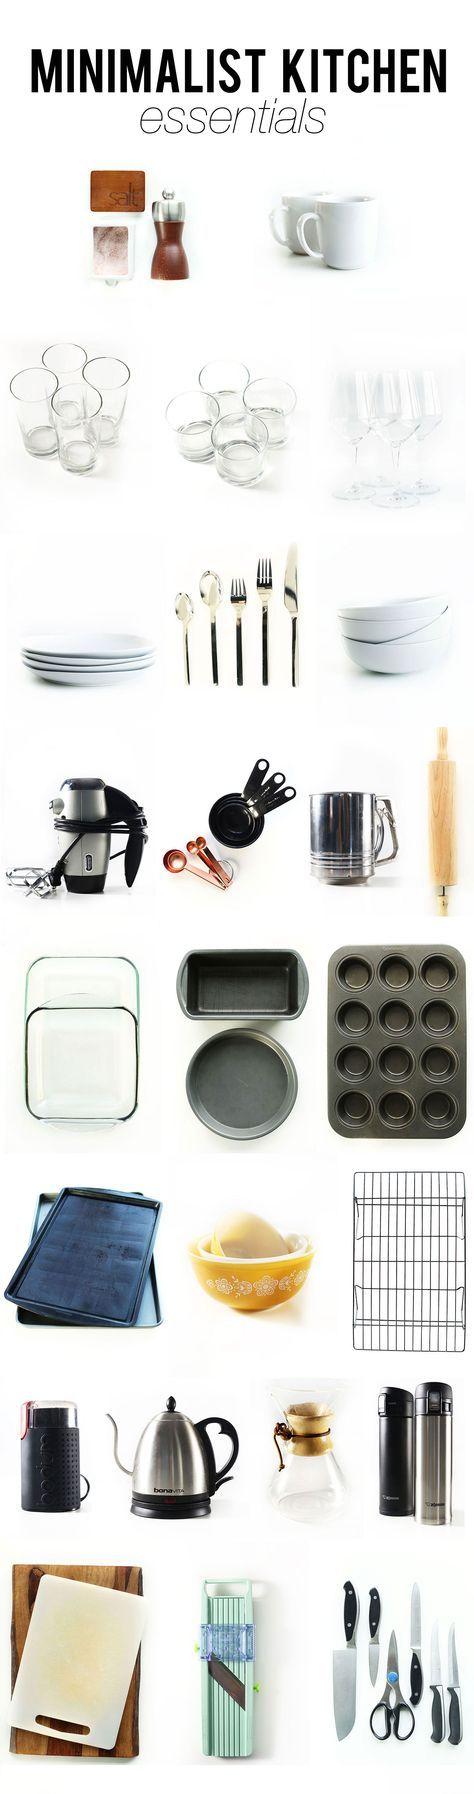 Our top-to-bottom Minimalist Kitchen Essentials | http://MinimalistBaker.com